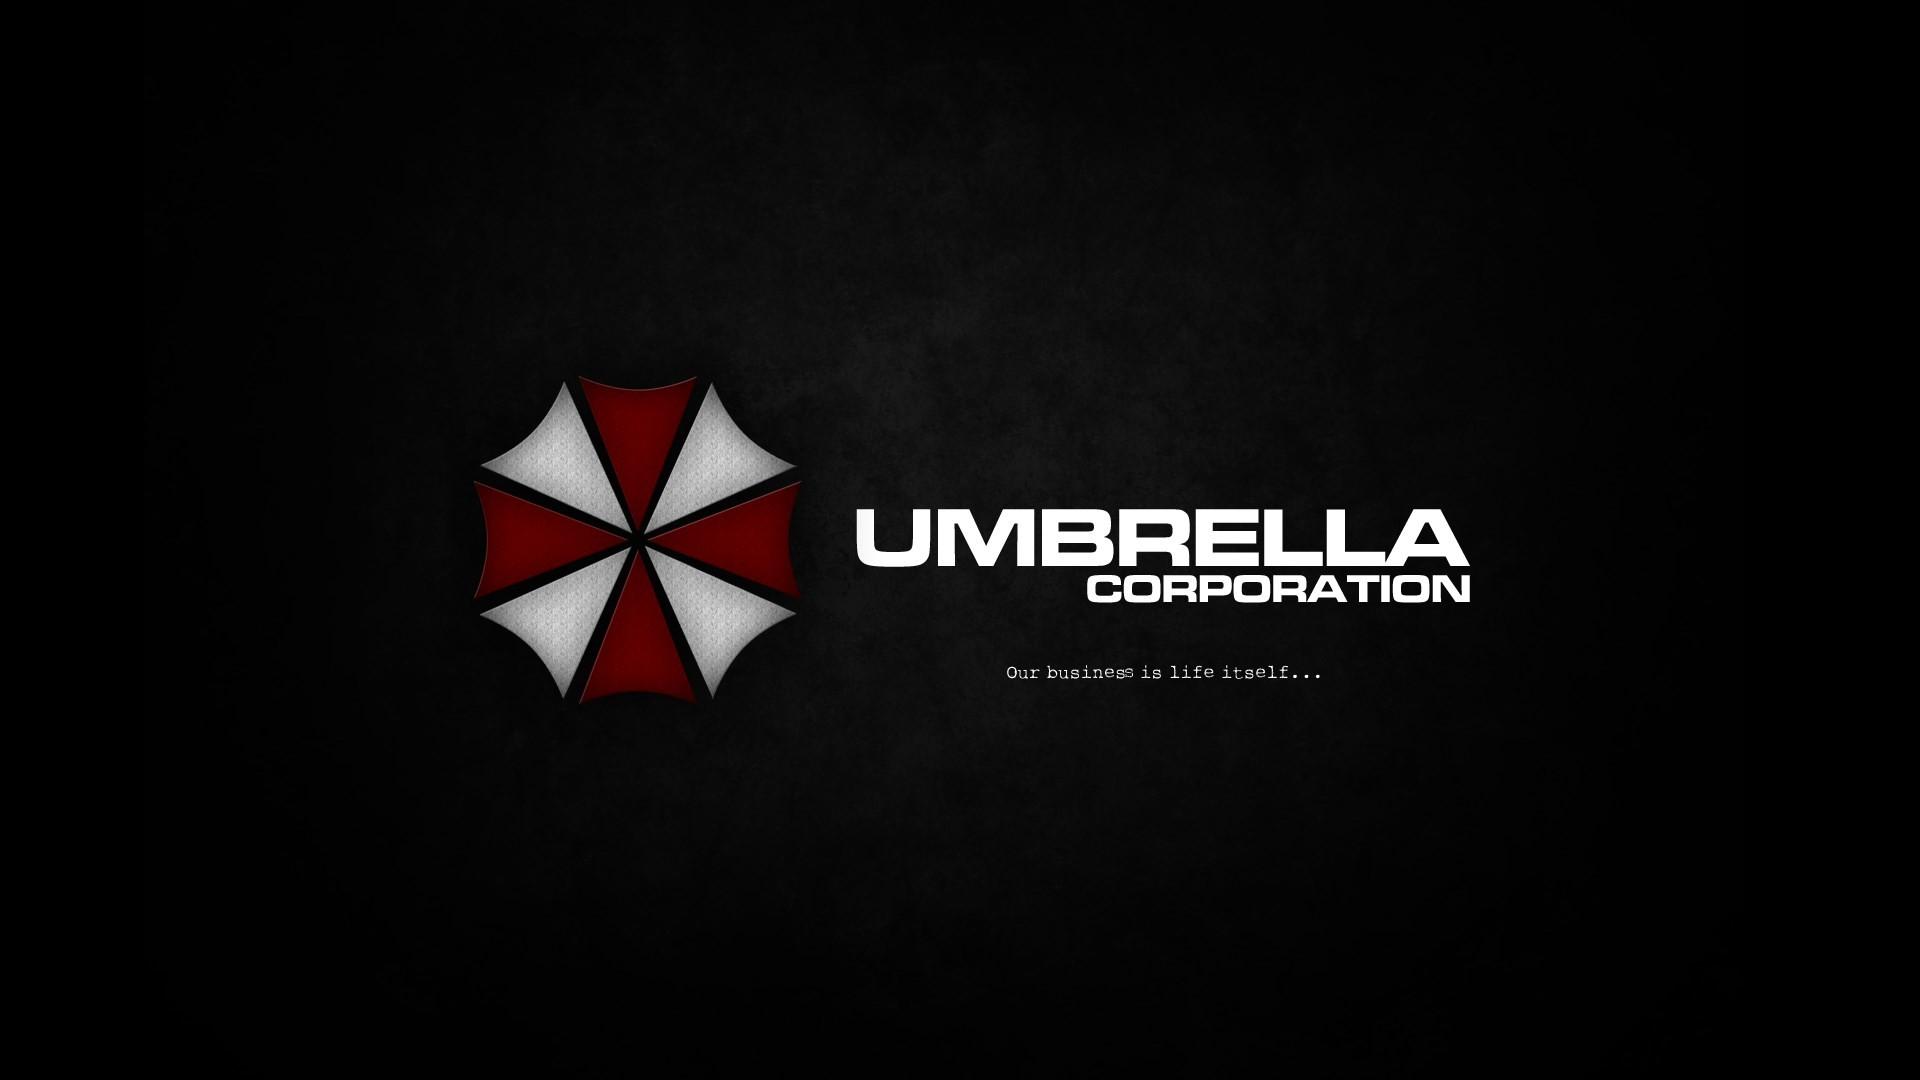 umbrella corporation live wallpaper …